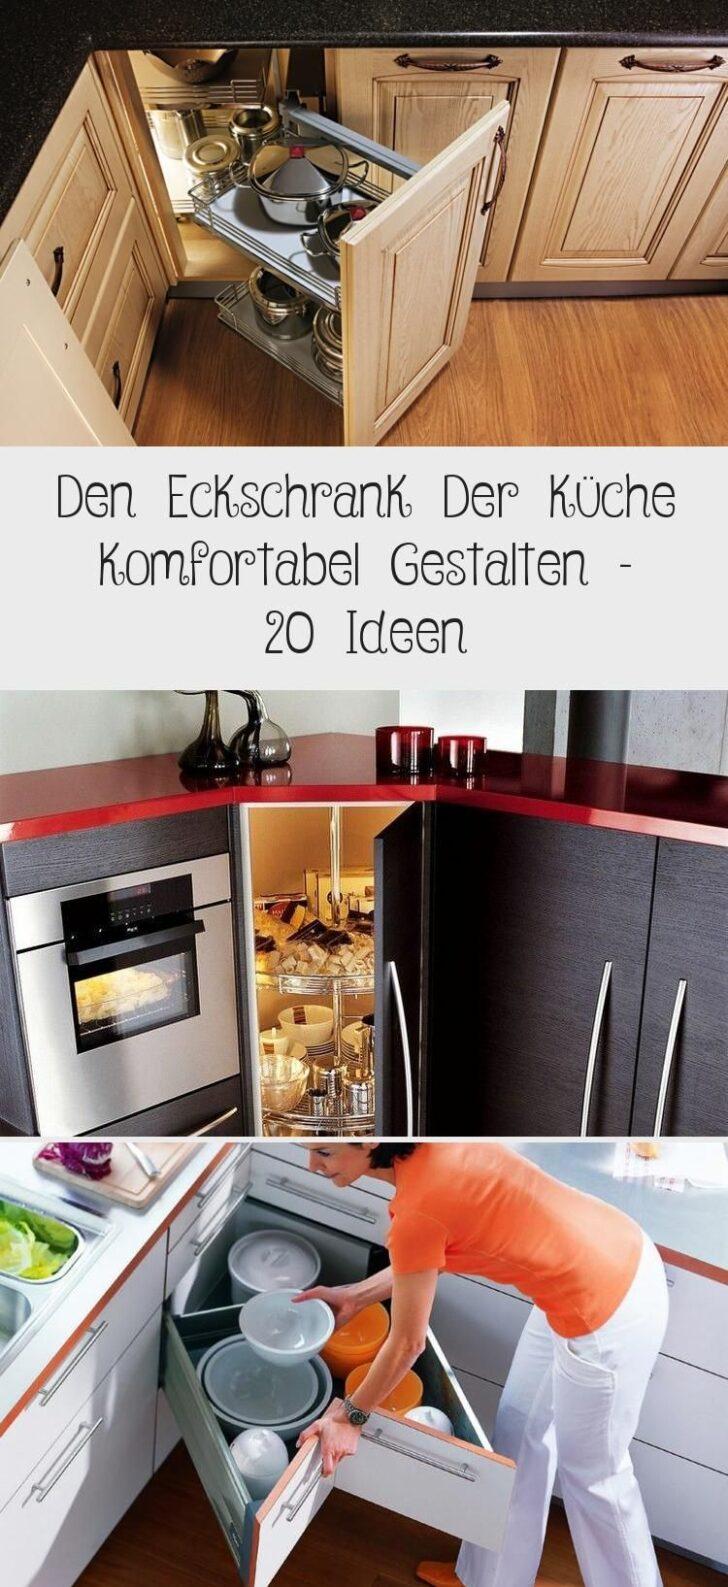 Medium Size of Küchen Eckschrank Rondell Den Der Kche Komfortabel Gestalten 20 Ideen Bad Küche Regal Schlafzimmer Wohnzimmer Küchen Eckschrank Rondell